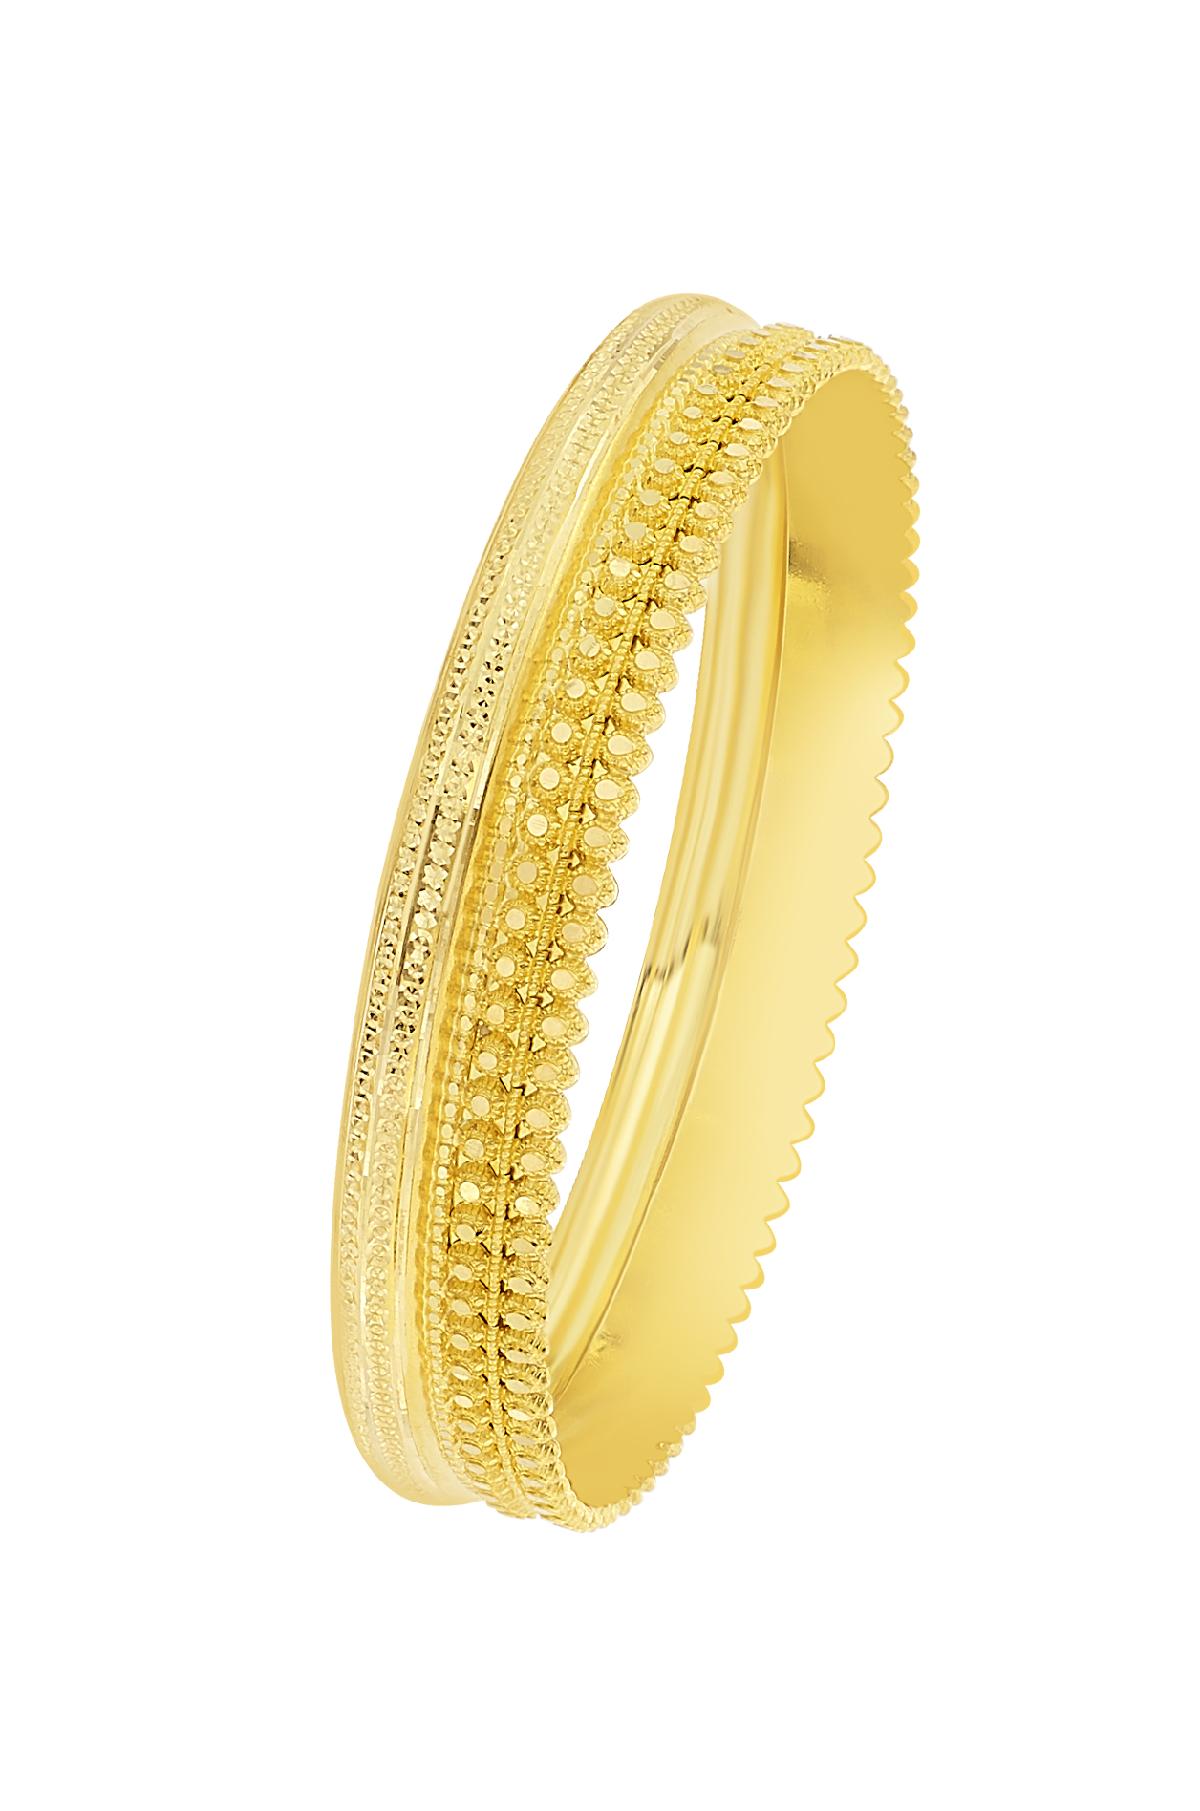 Pichodi bangle by Reliance Jewels